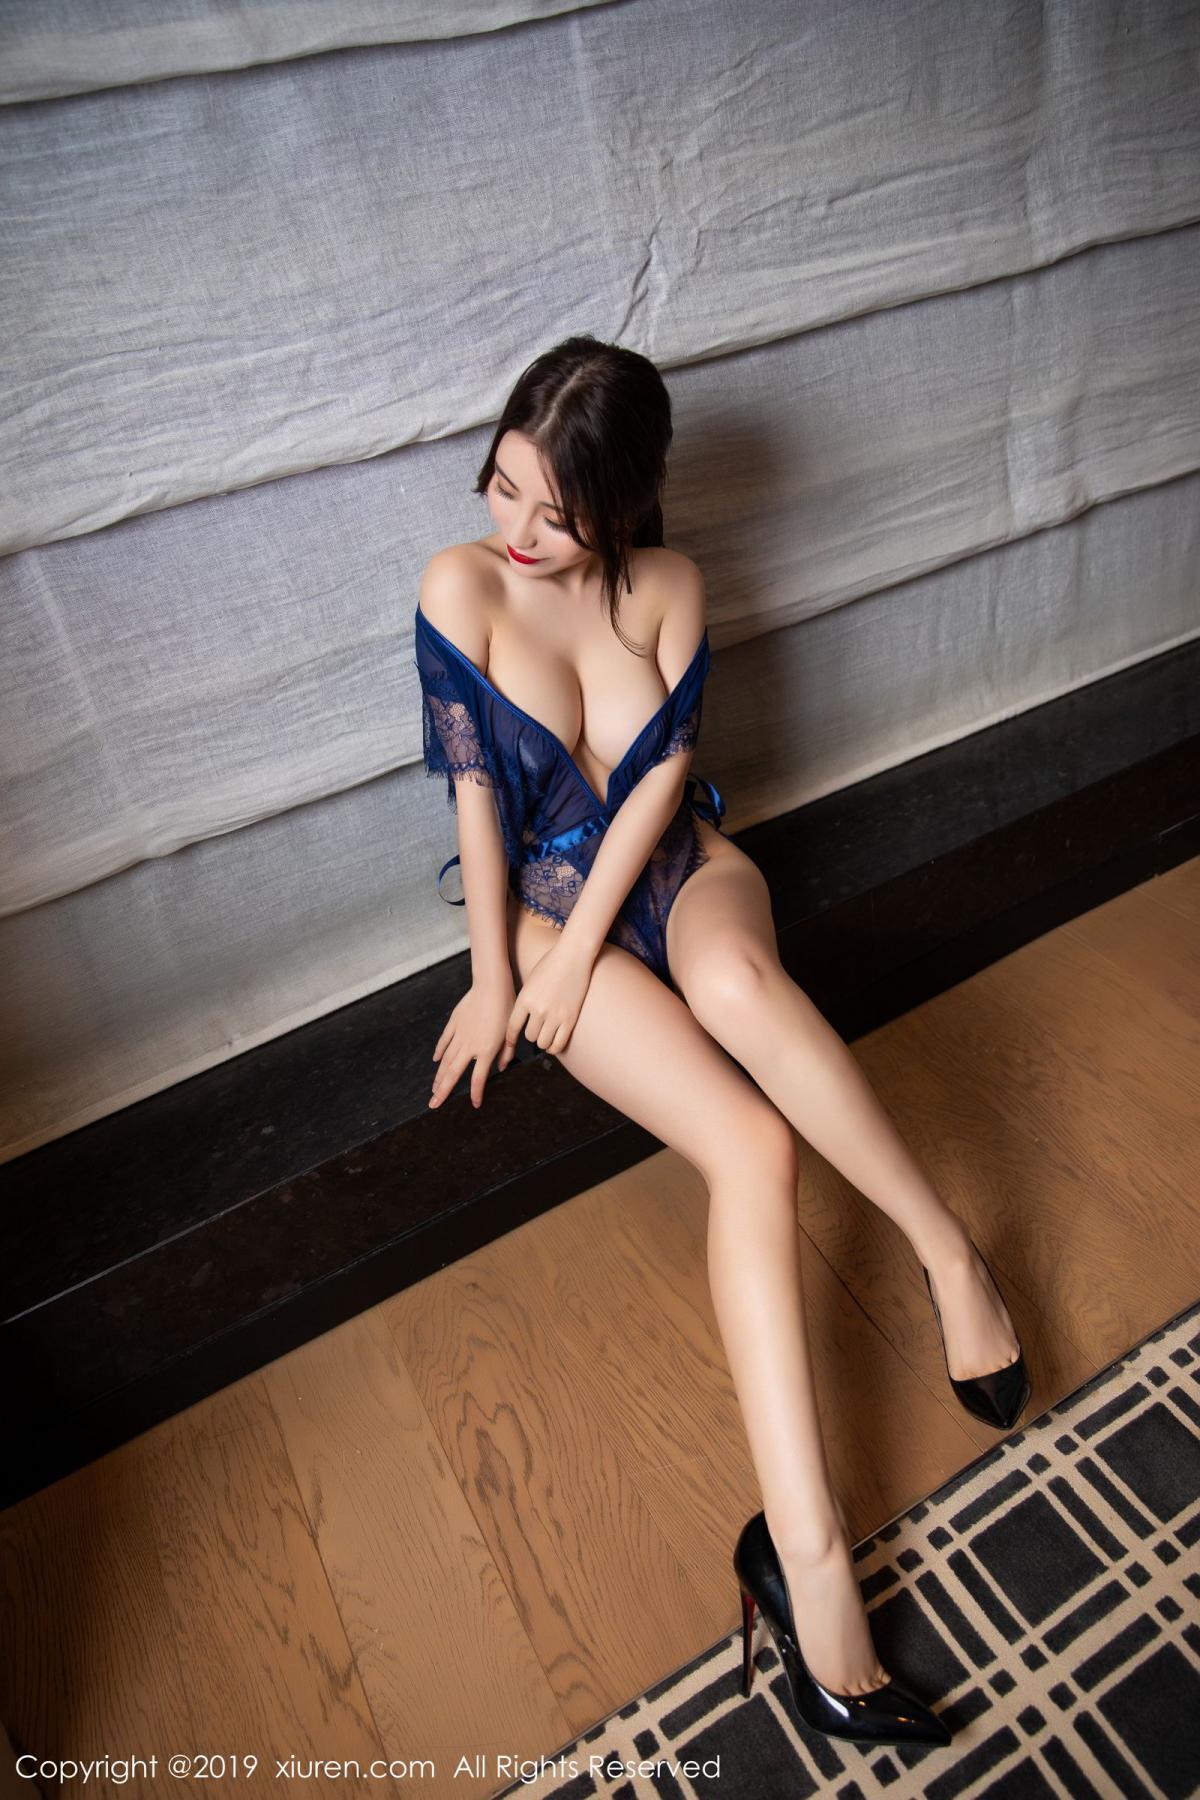 [XiuRen] Vol.1589 Xie Zhi Xin 46P, Sexy, Underwear, Xie Zhi Xin, Xiuren